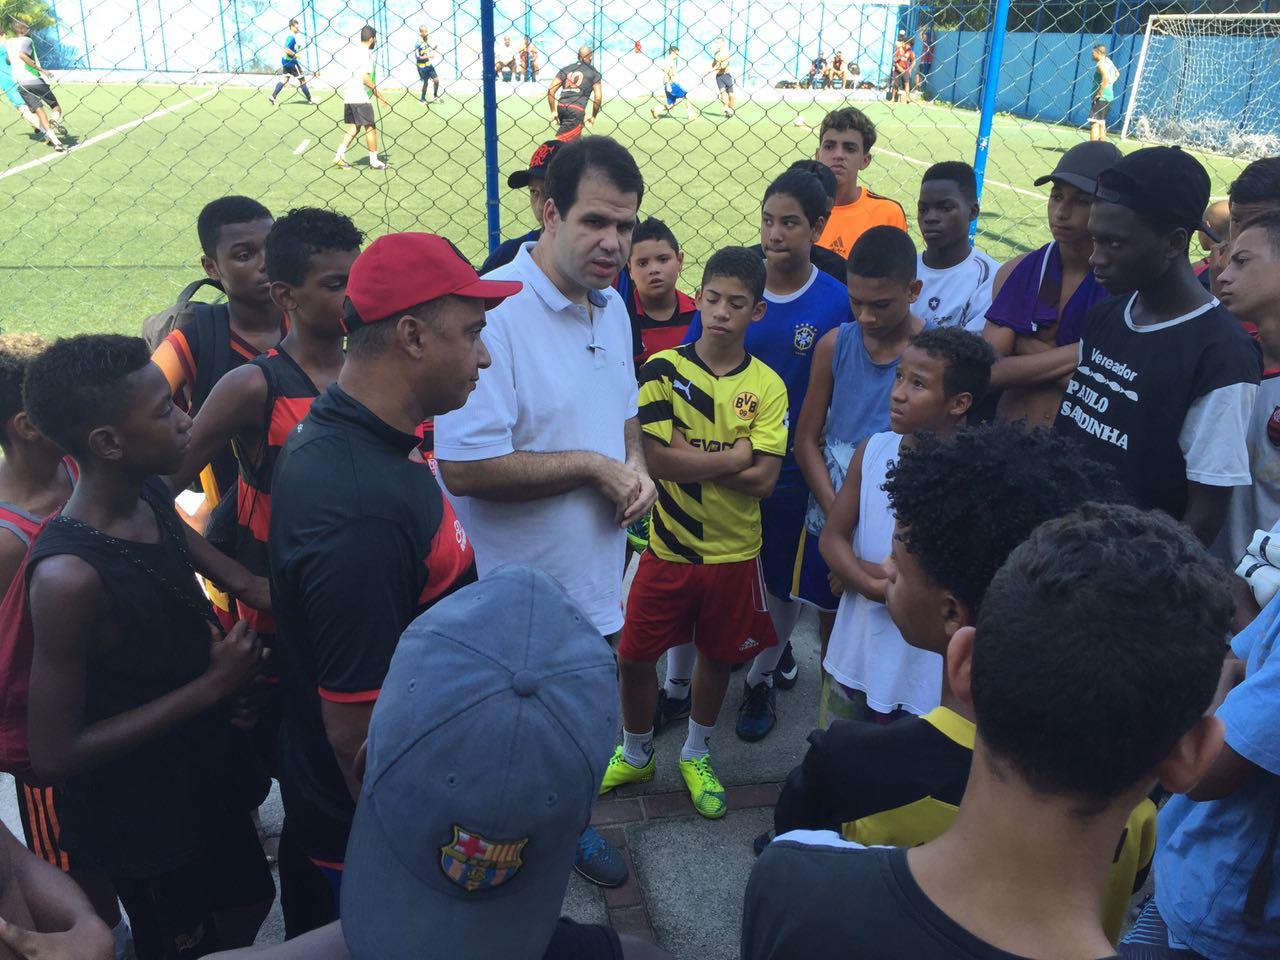 Visitando a escolinha de Futebol Fla Marujo